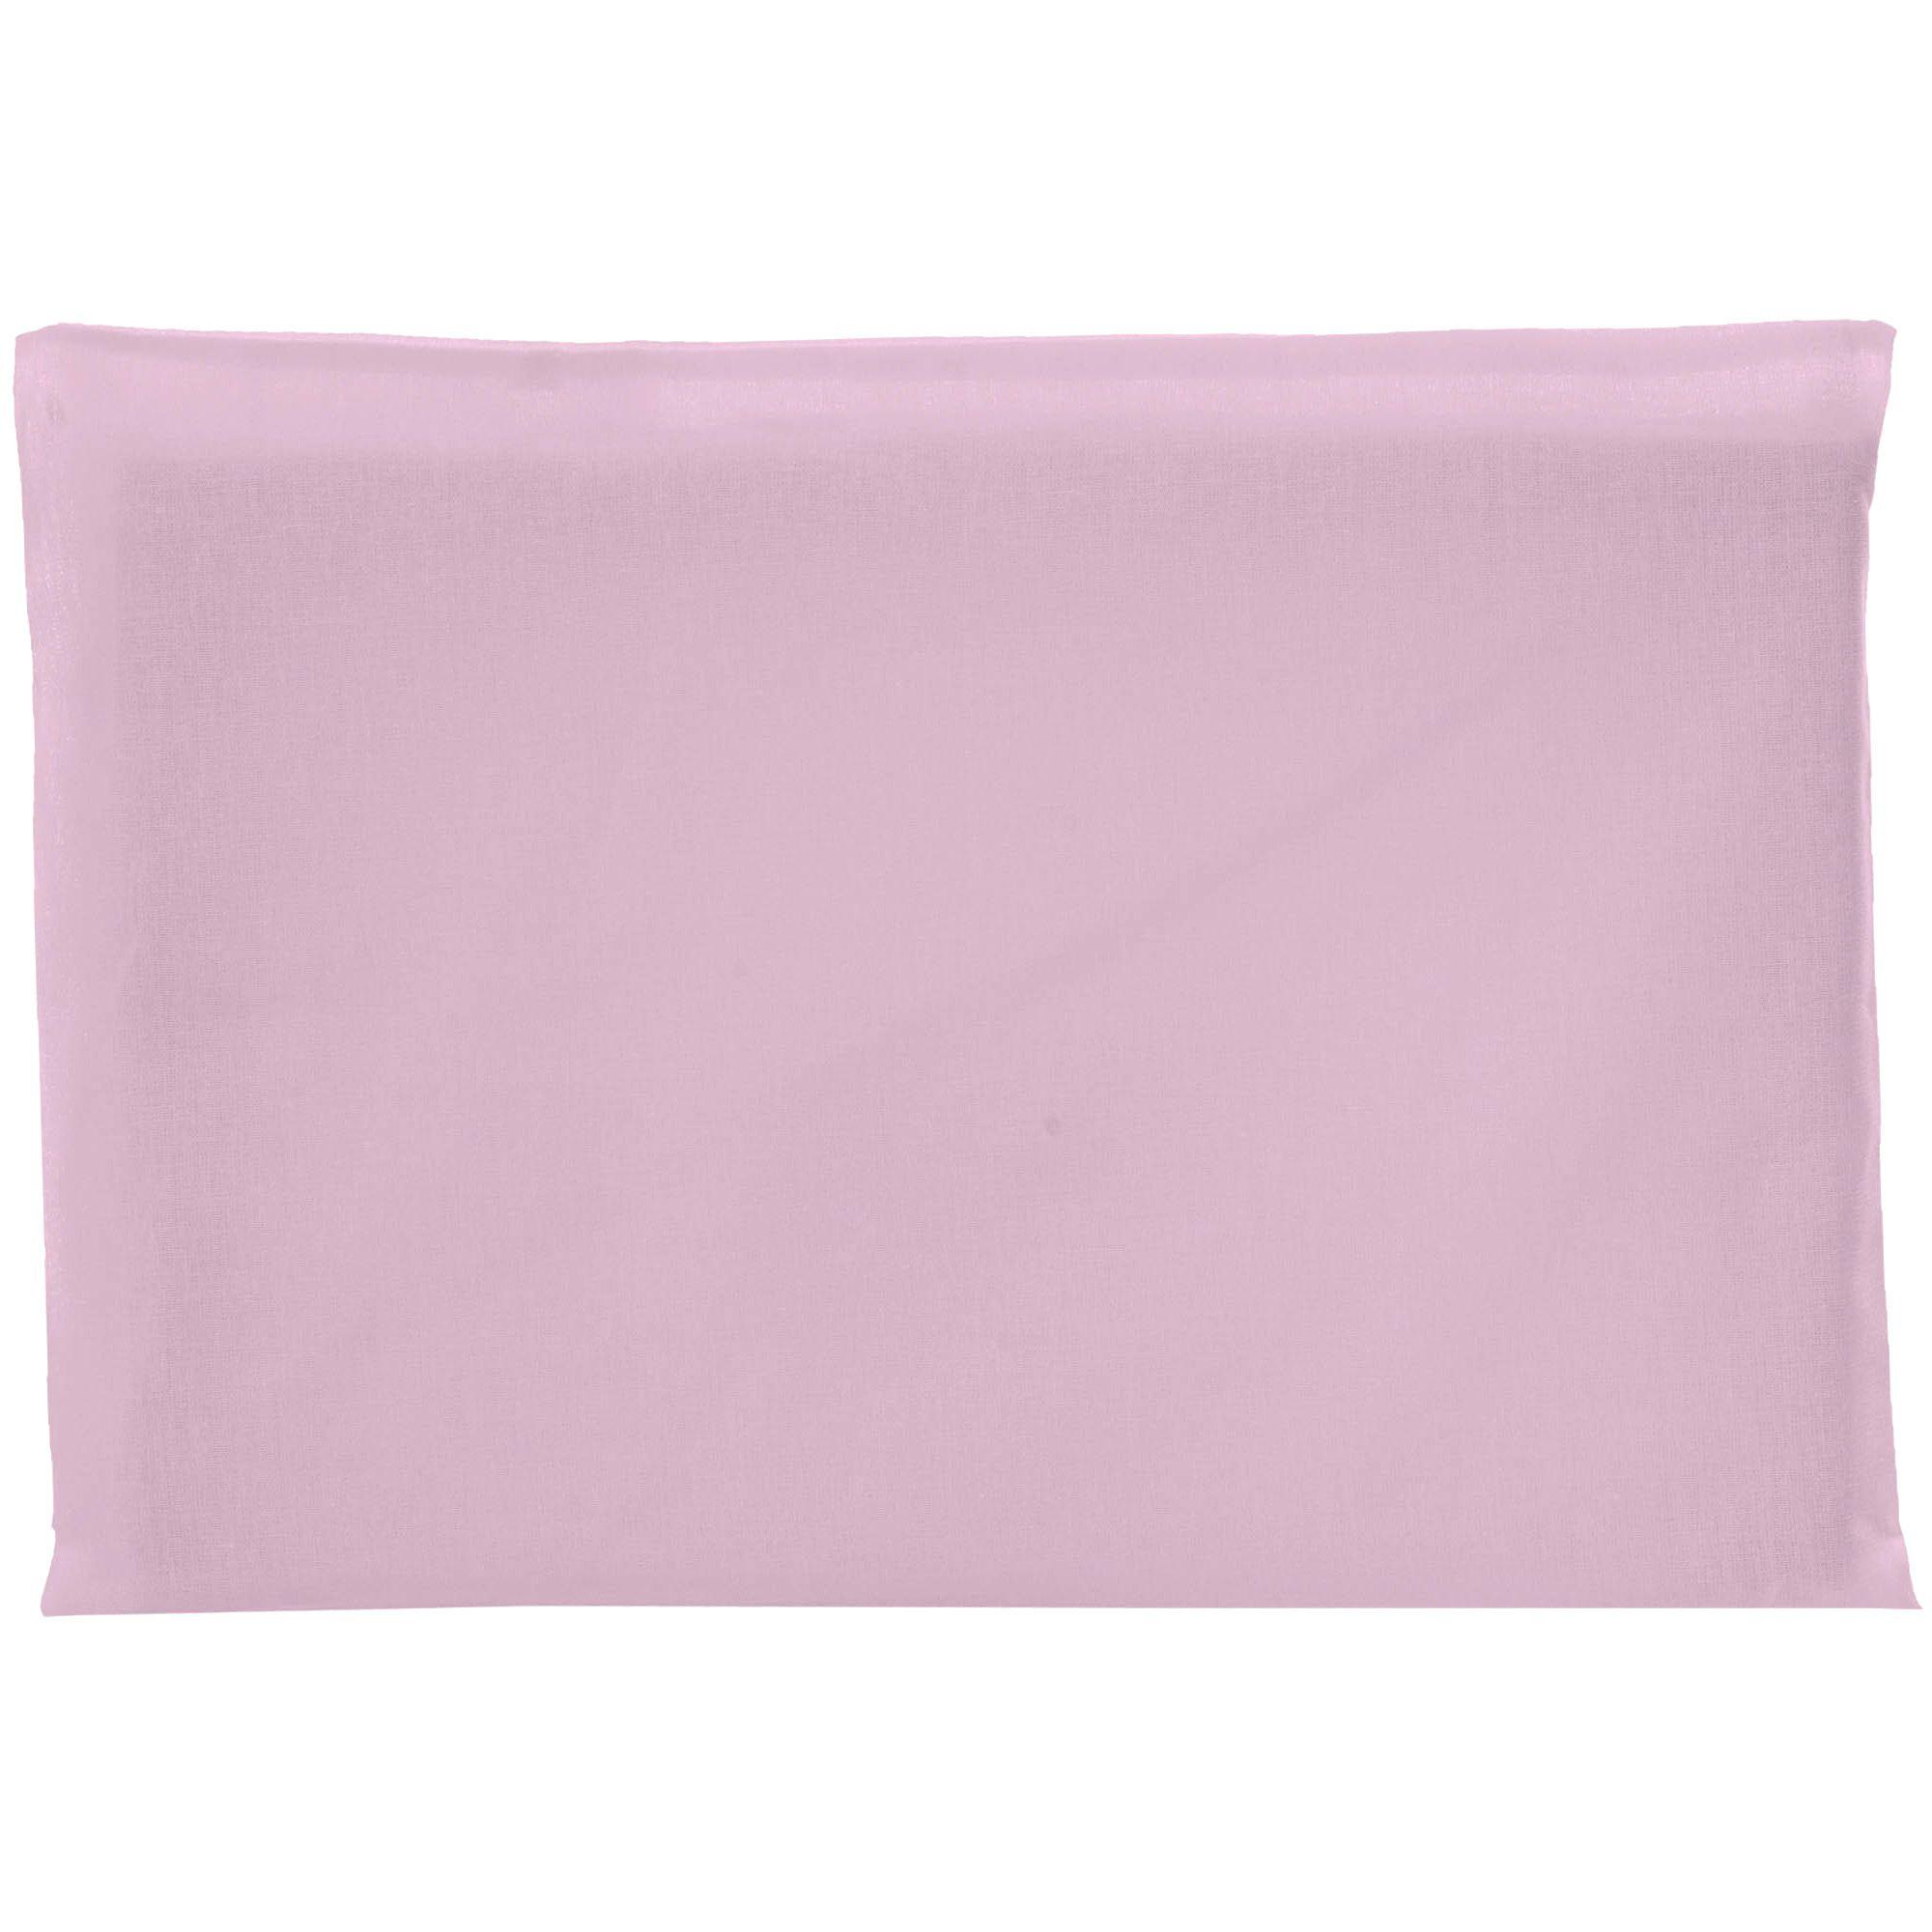 Travesseiro Antissufocante Incomfral Bambi - Liso - Rosa Claro